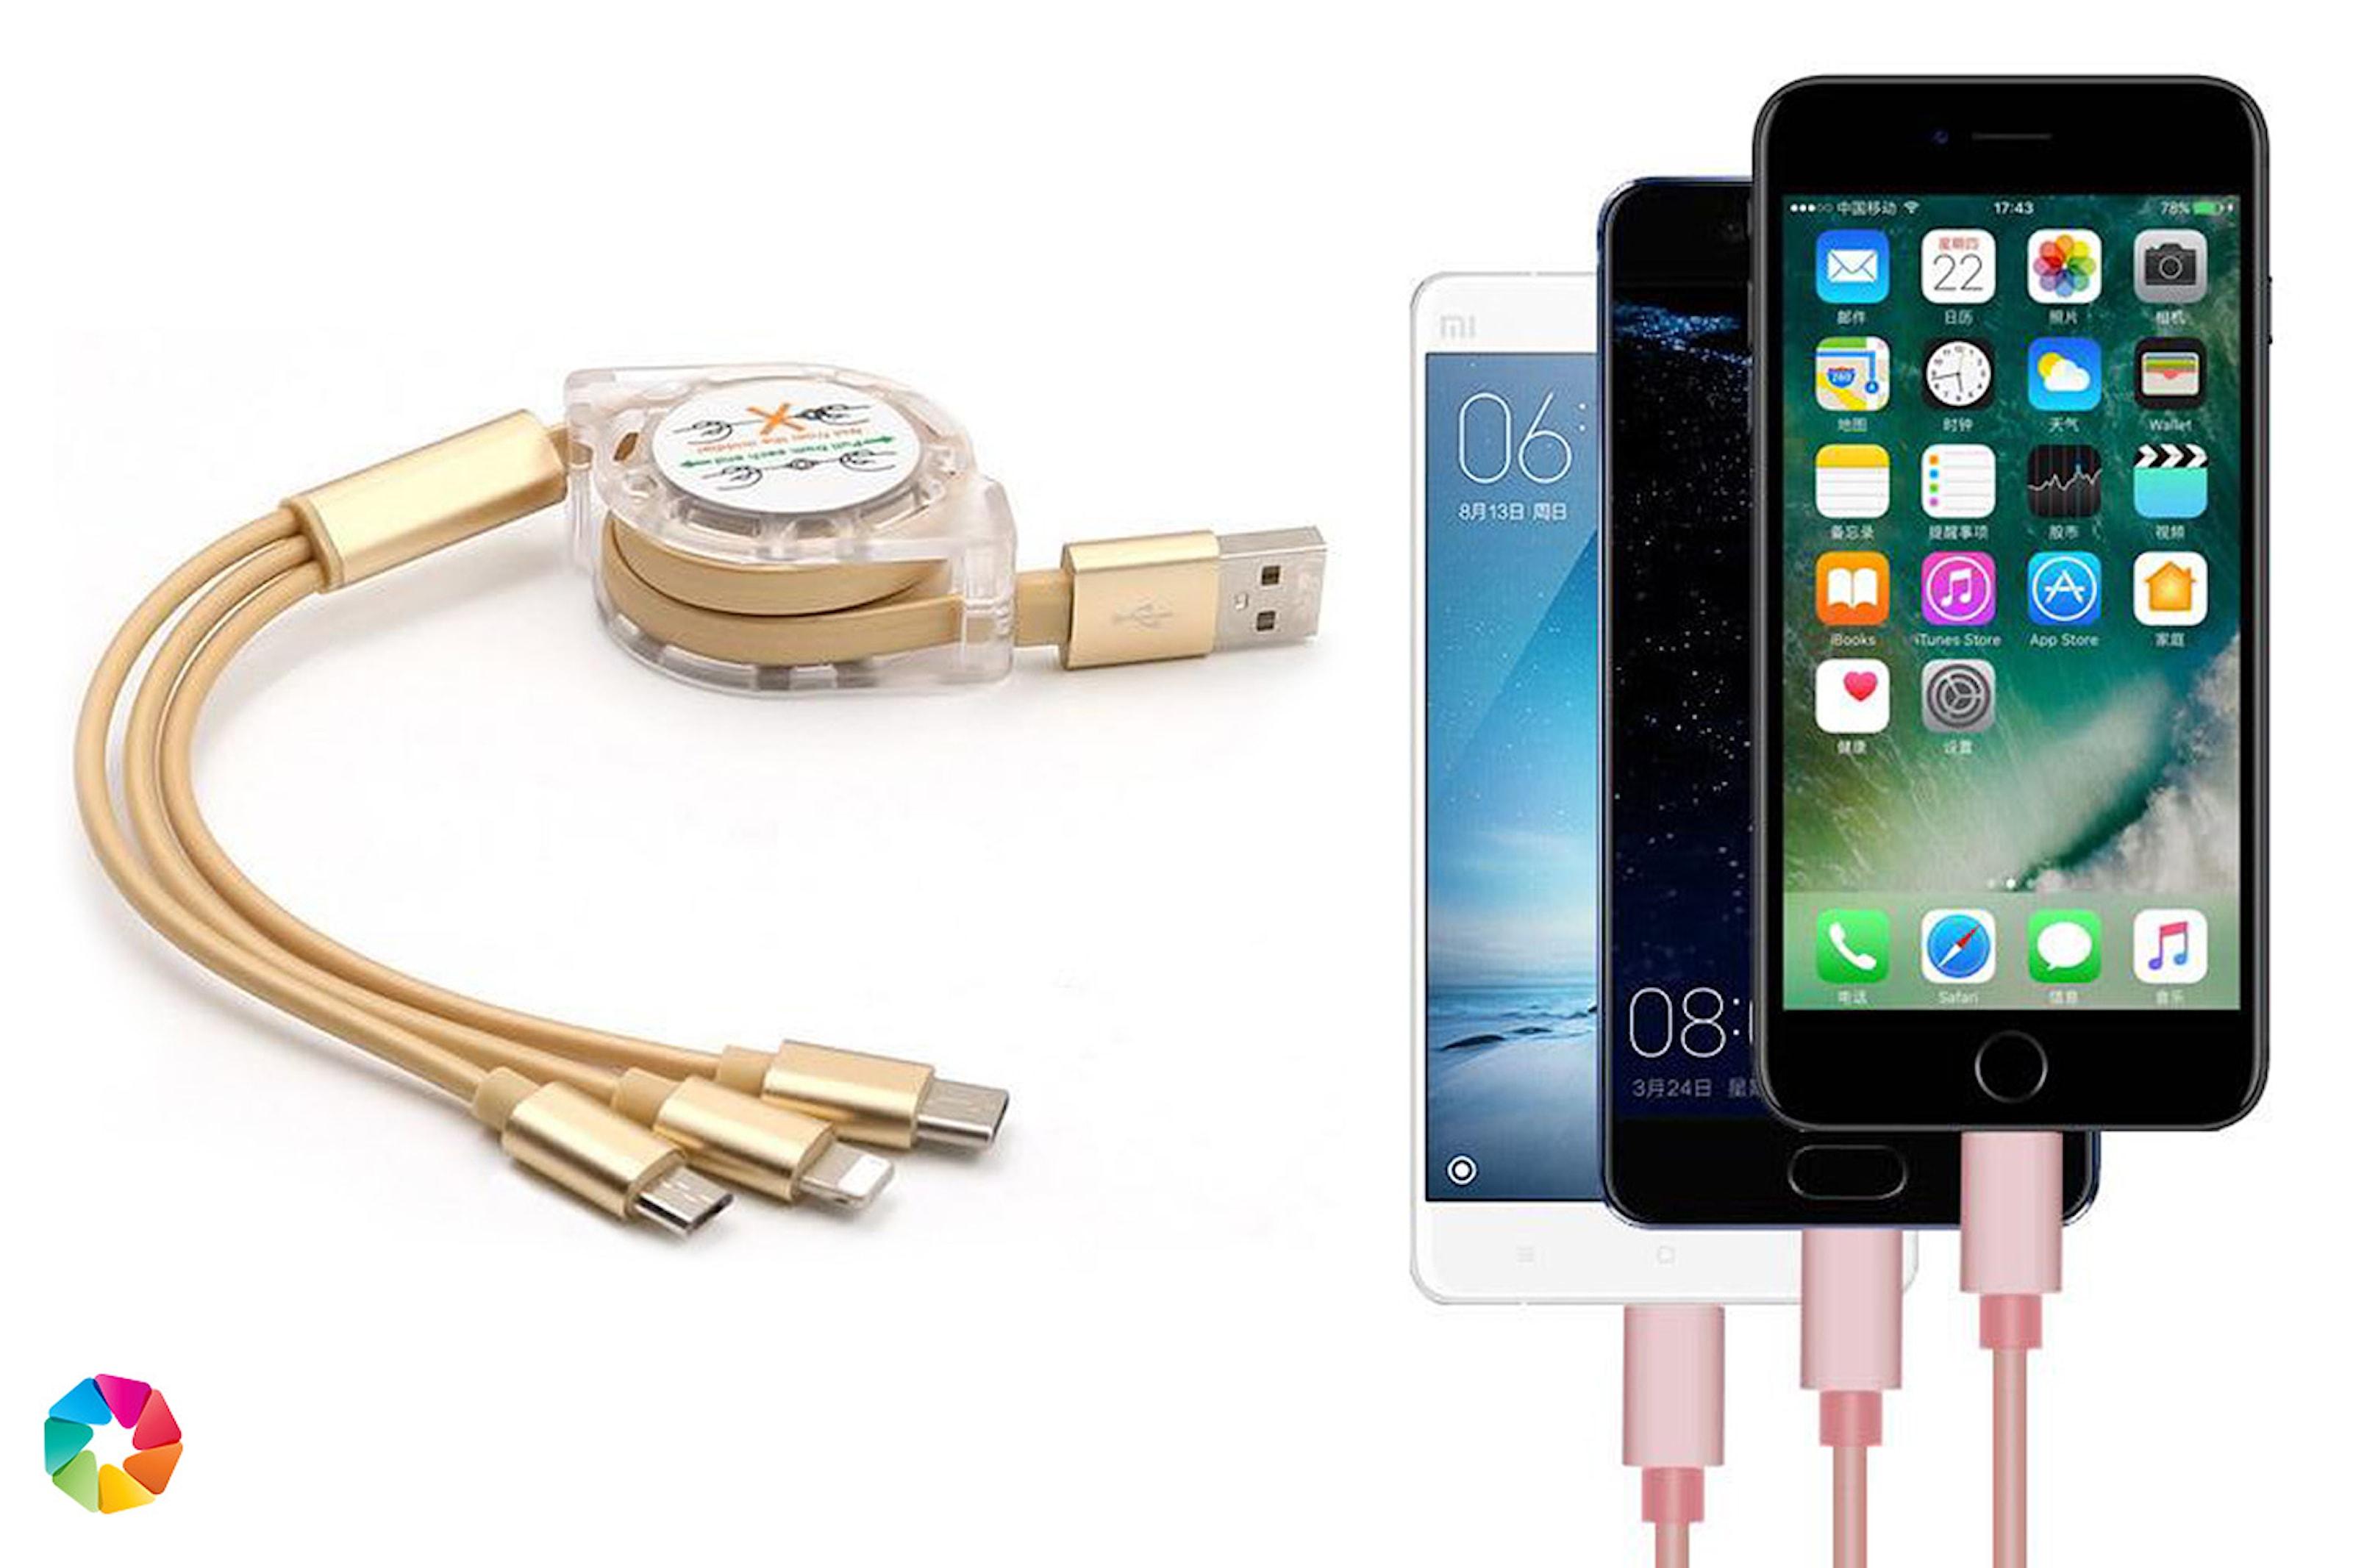 USB-kabel för iPhone och Android